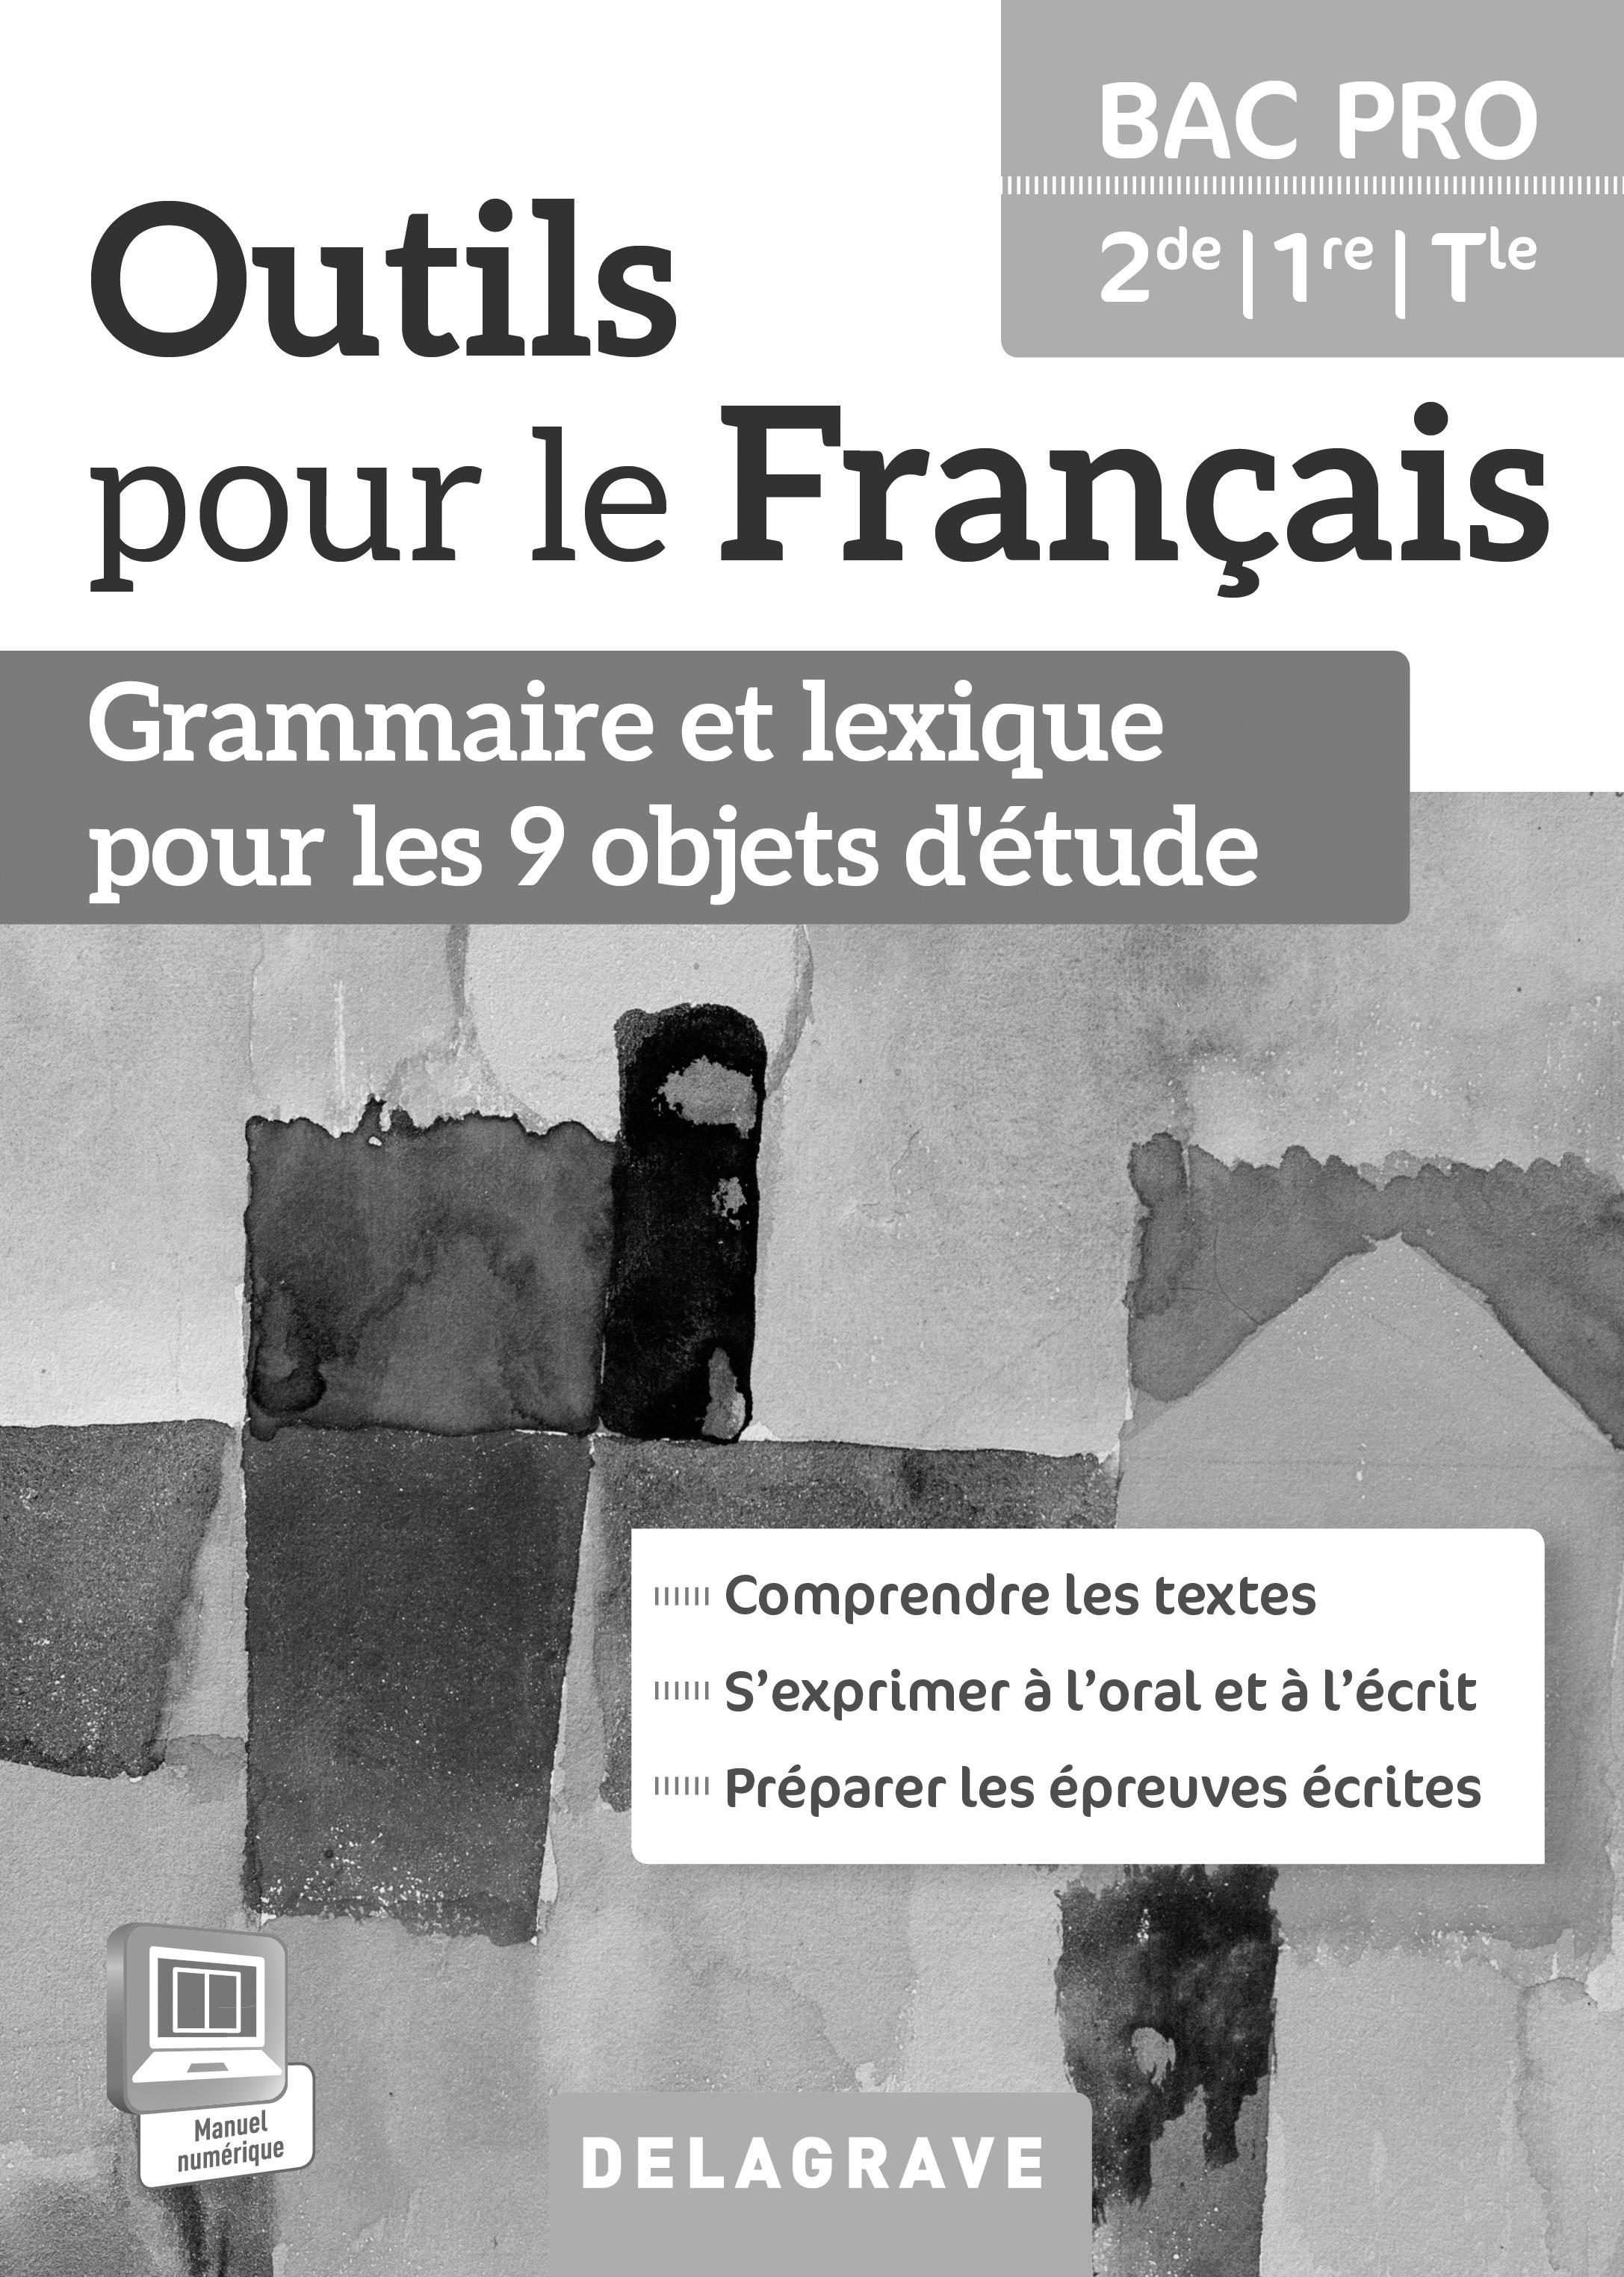 Outils Pour Le Francais 2de 1re Tle Bac Pro 2015 Livre